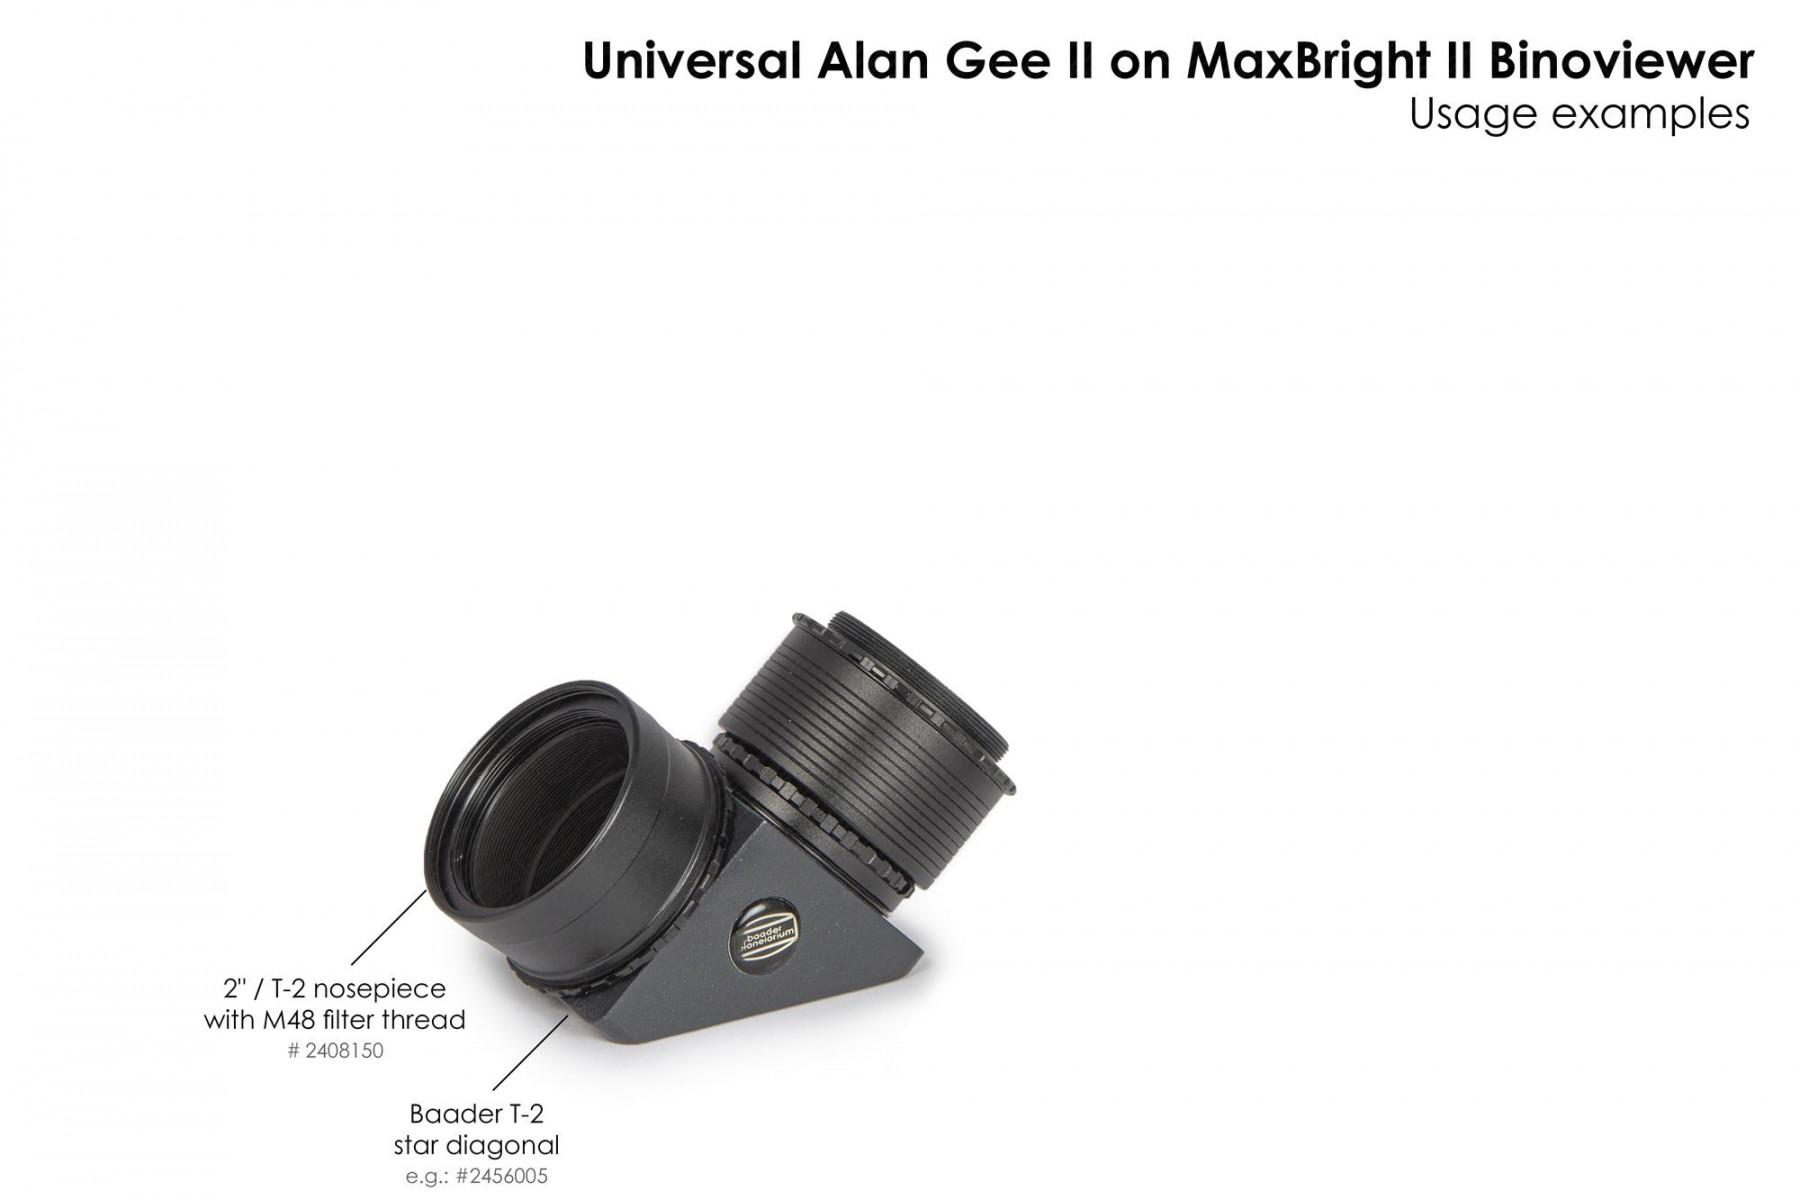 """Application image: Universal Alan Gee II #2454405 - Maxbright SetUp 3 mit 2""""/T-2 Steckanschluss mit M48 Filtergewinde #2408150 und T-2 Zenitspiegel #2456005"""